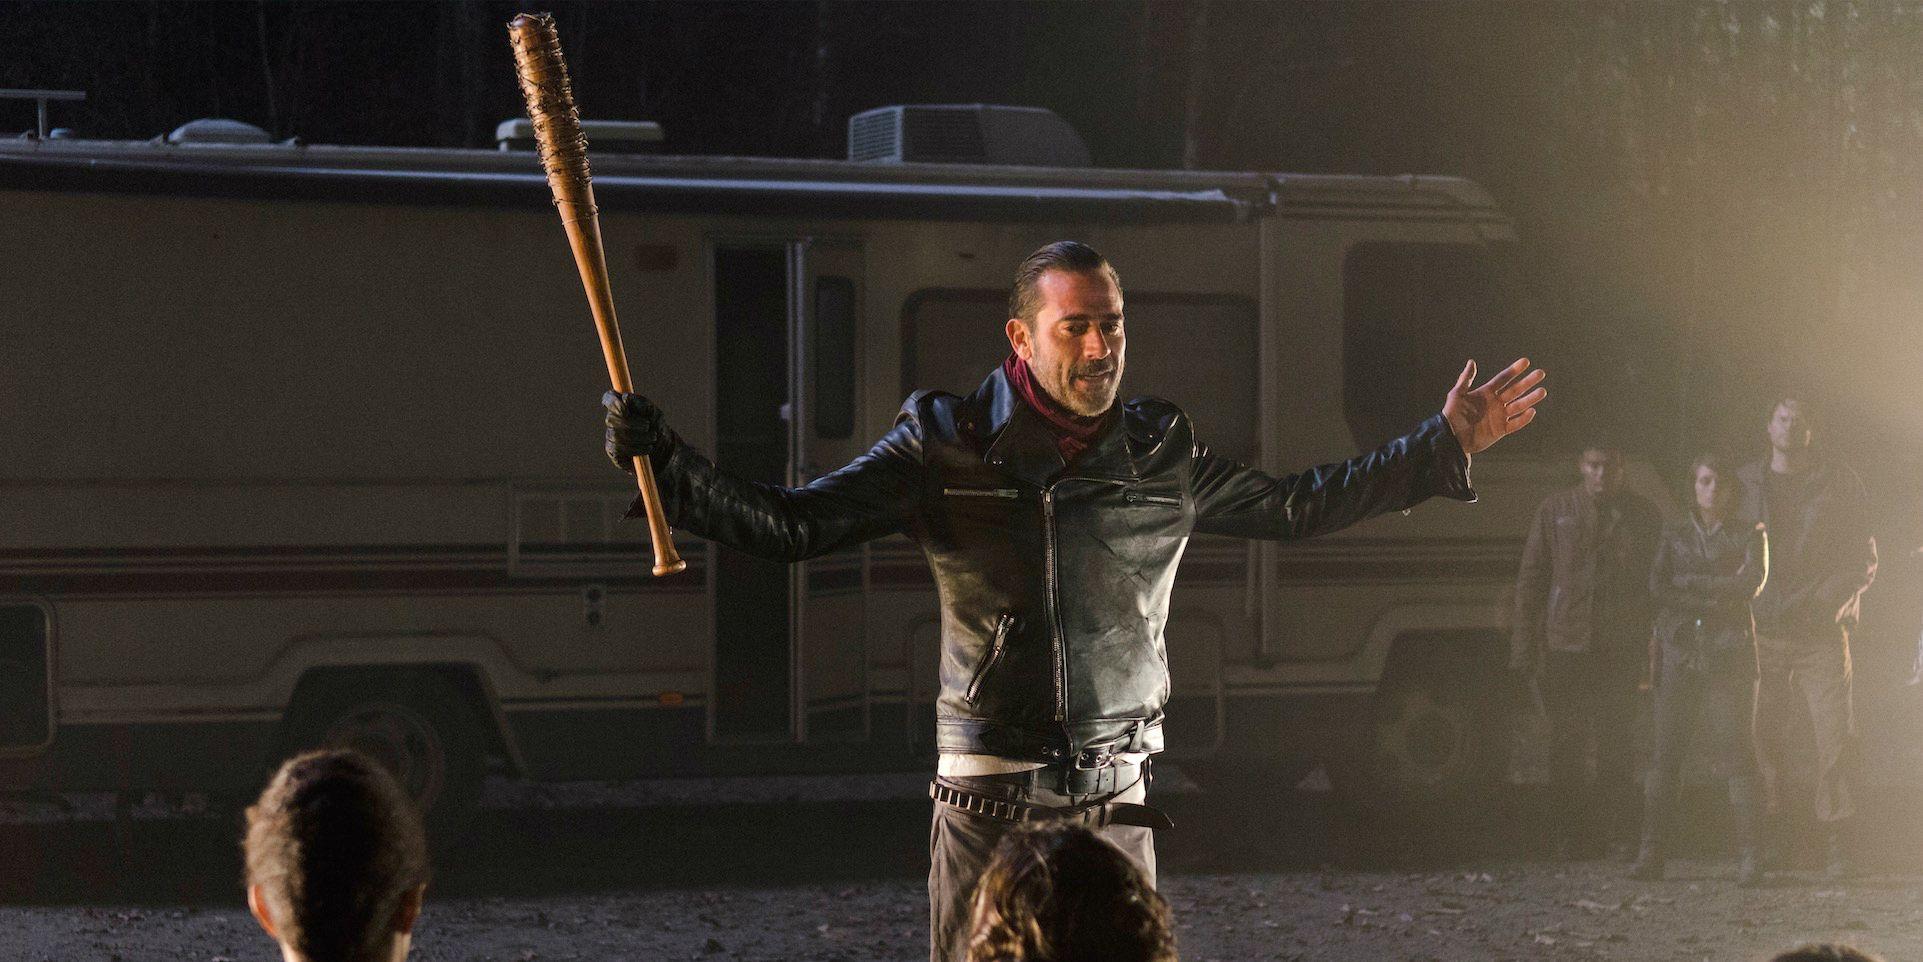 Negan in The Walking Dead season 6 episode 16